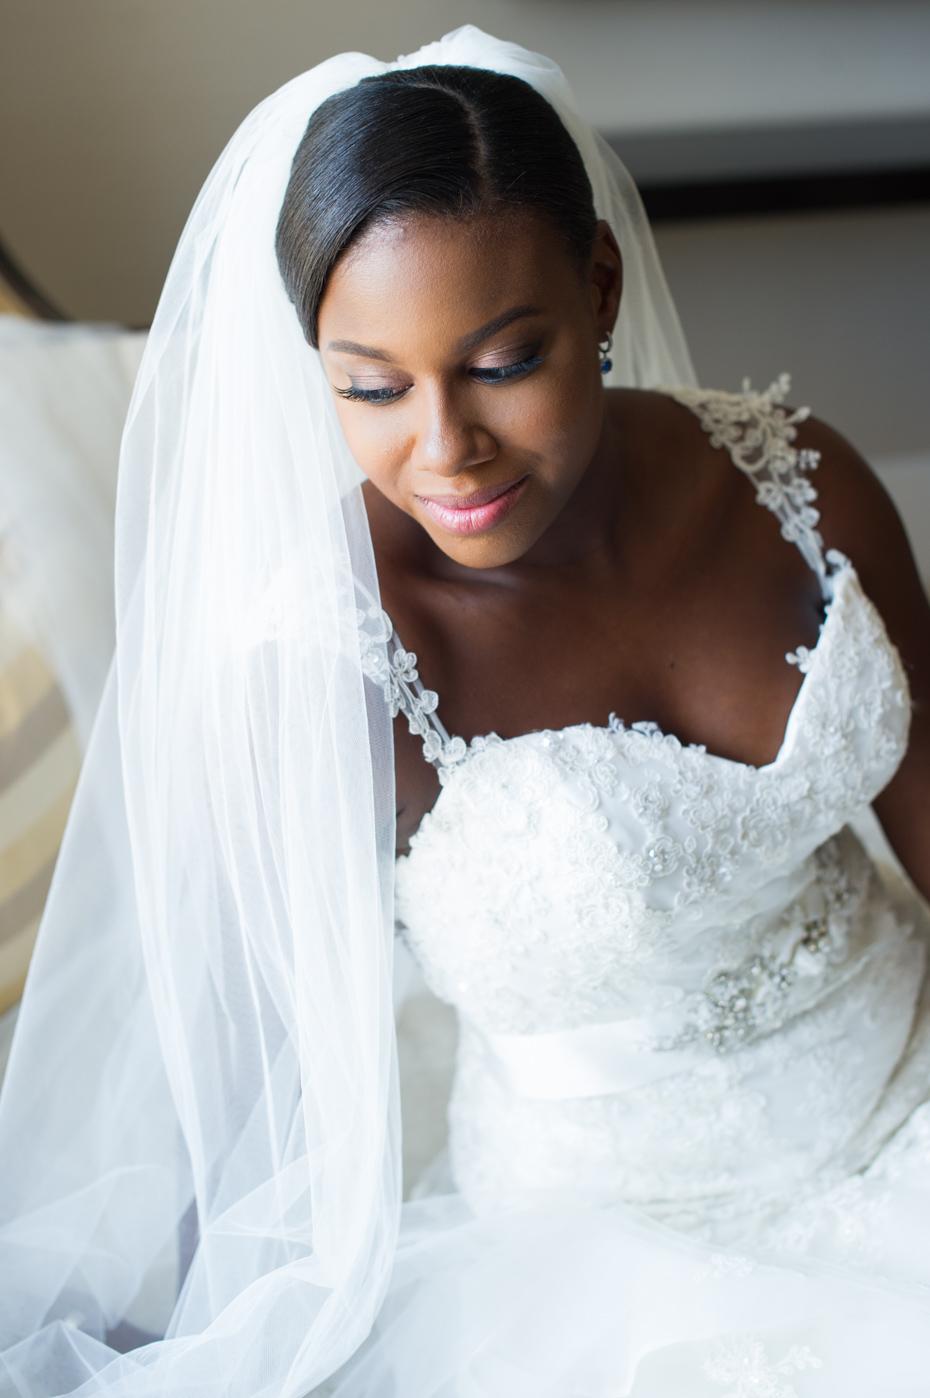 St. Regis Bridal Portraits